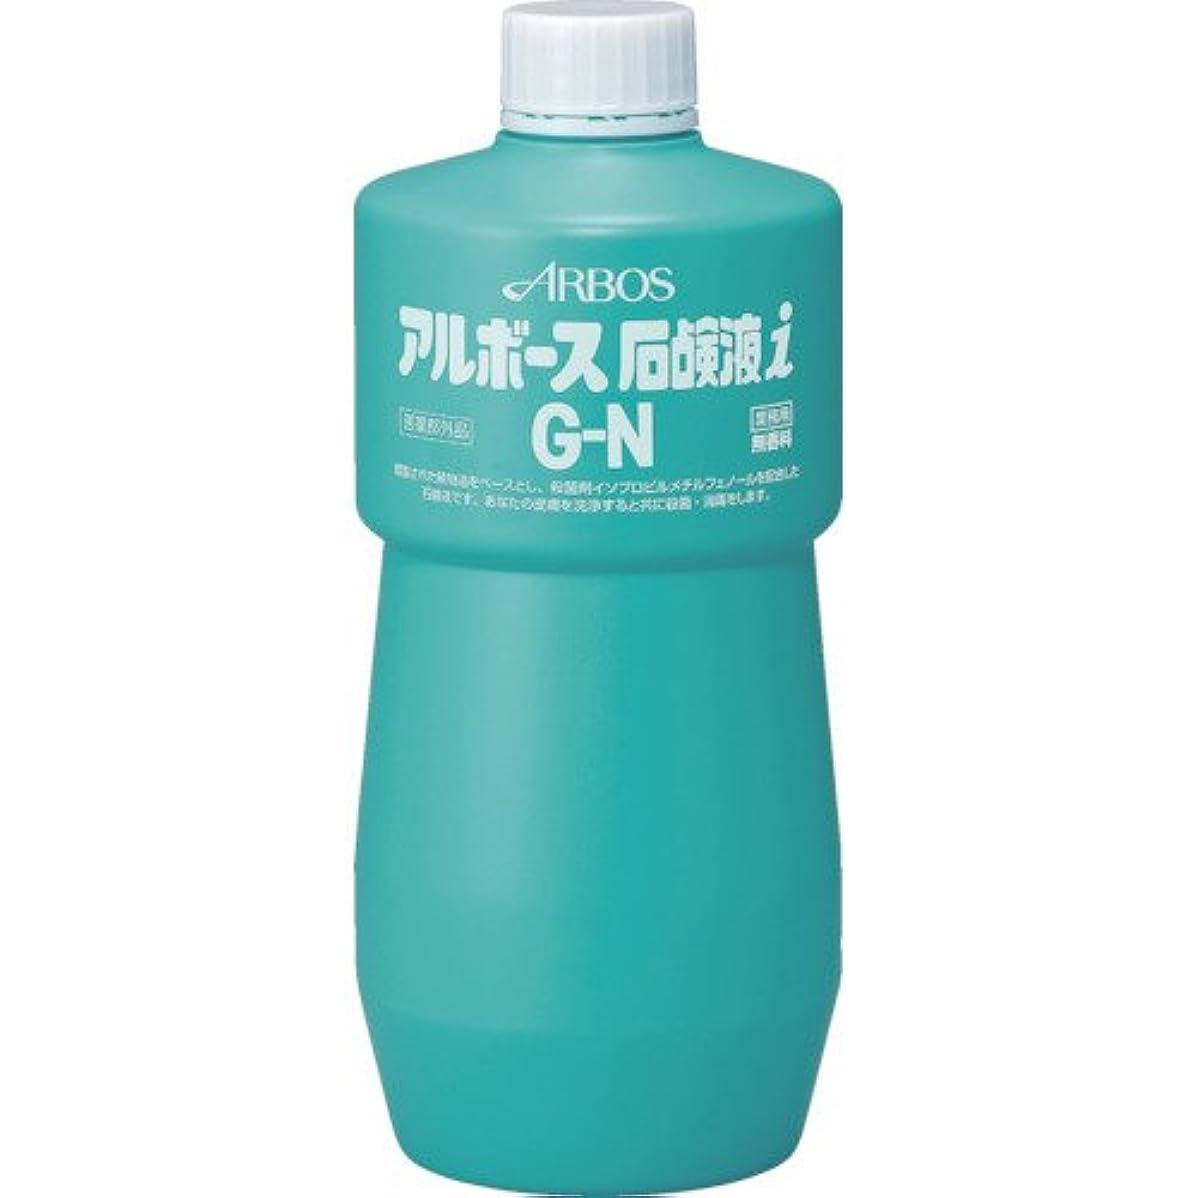 ネットピストン指令アルボース石鹸液iGN 1G [医薬部外品]